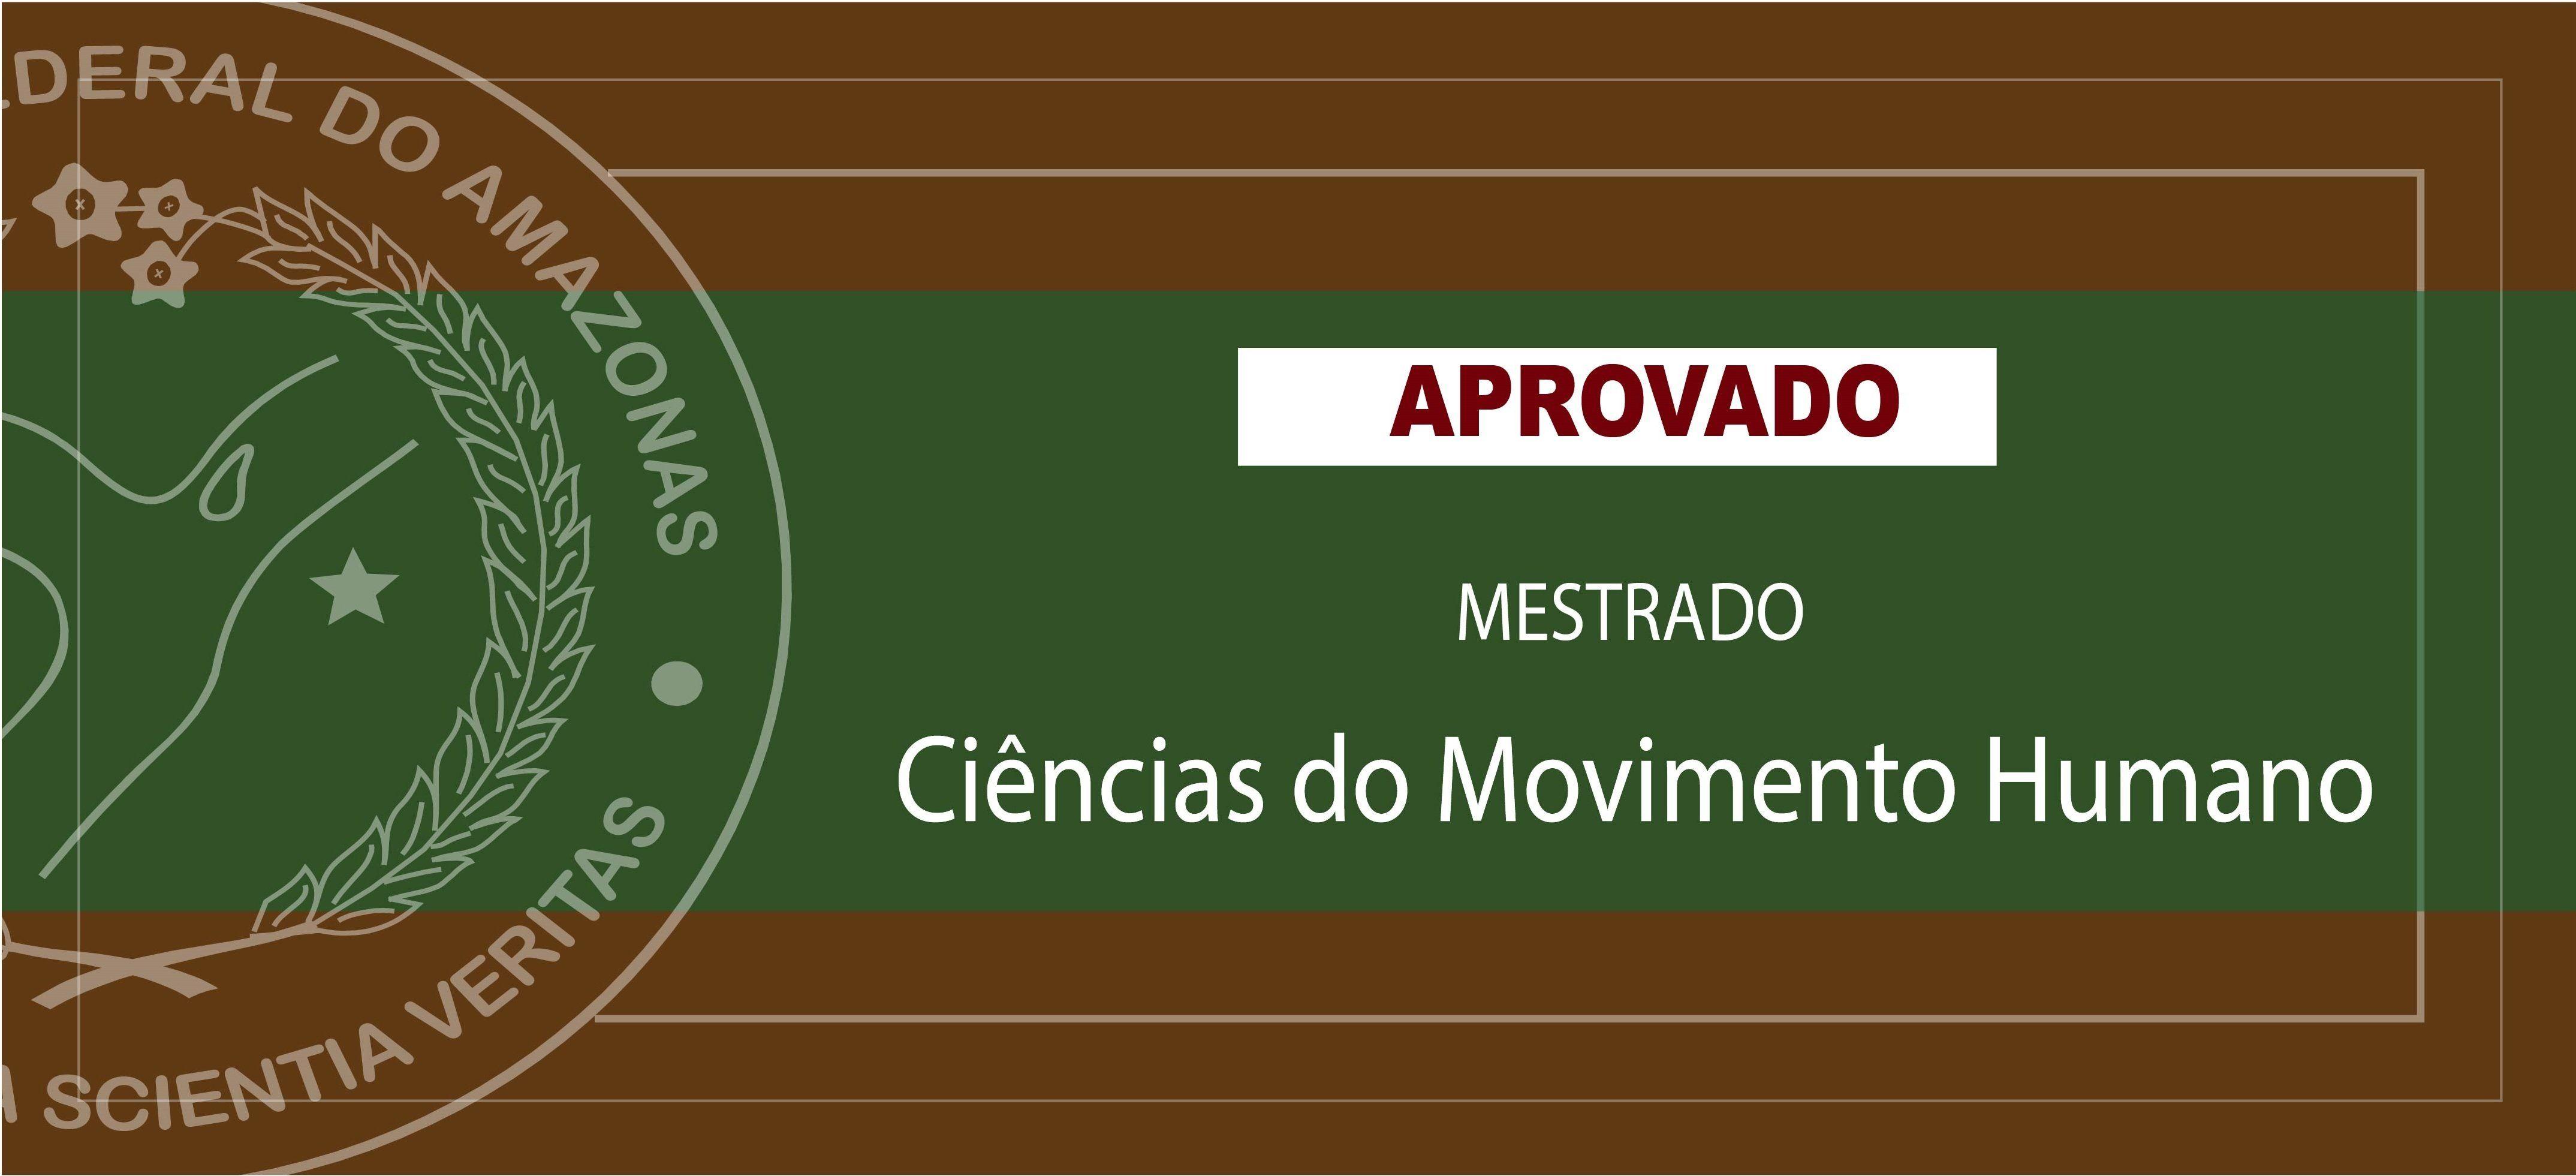 Mestrado em Ciências do Movimento Humano da Ufam é aprovado